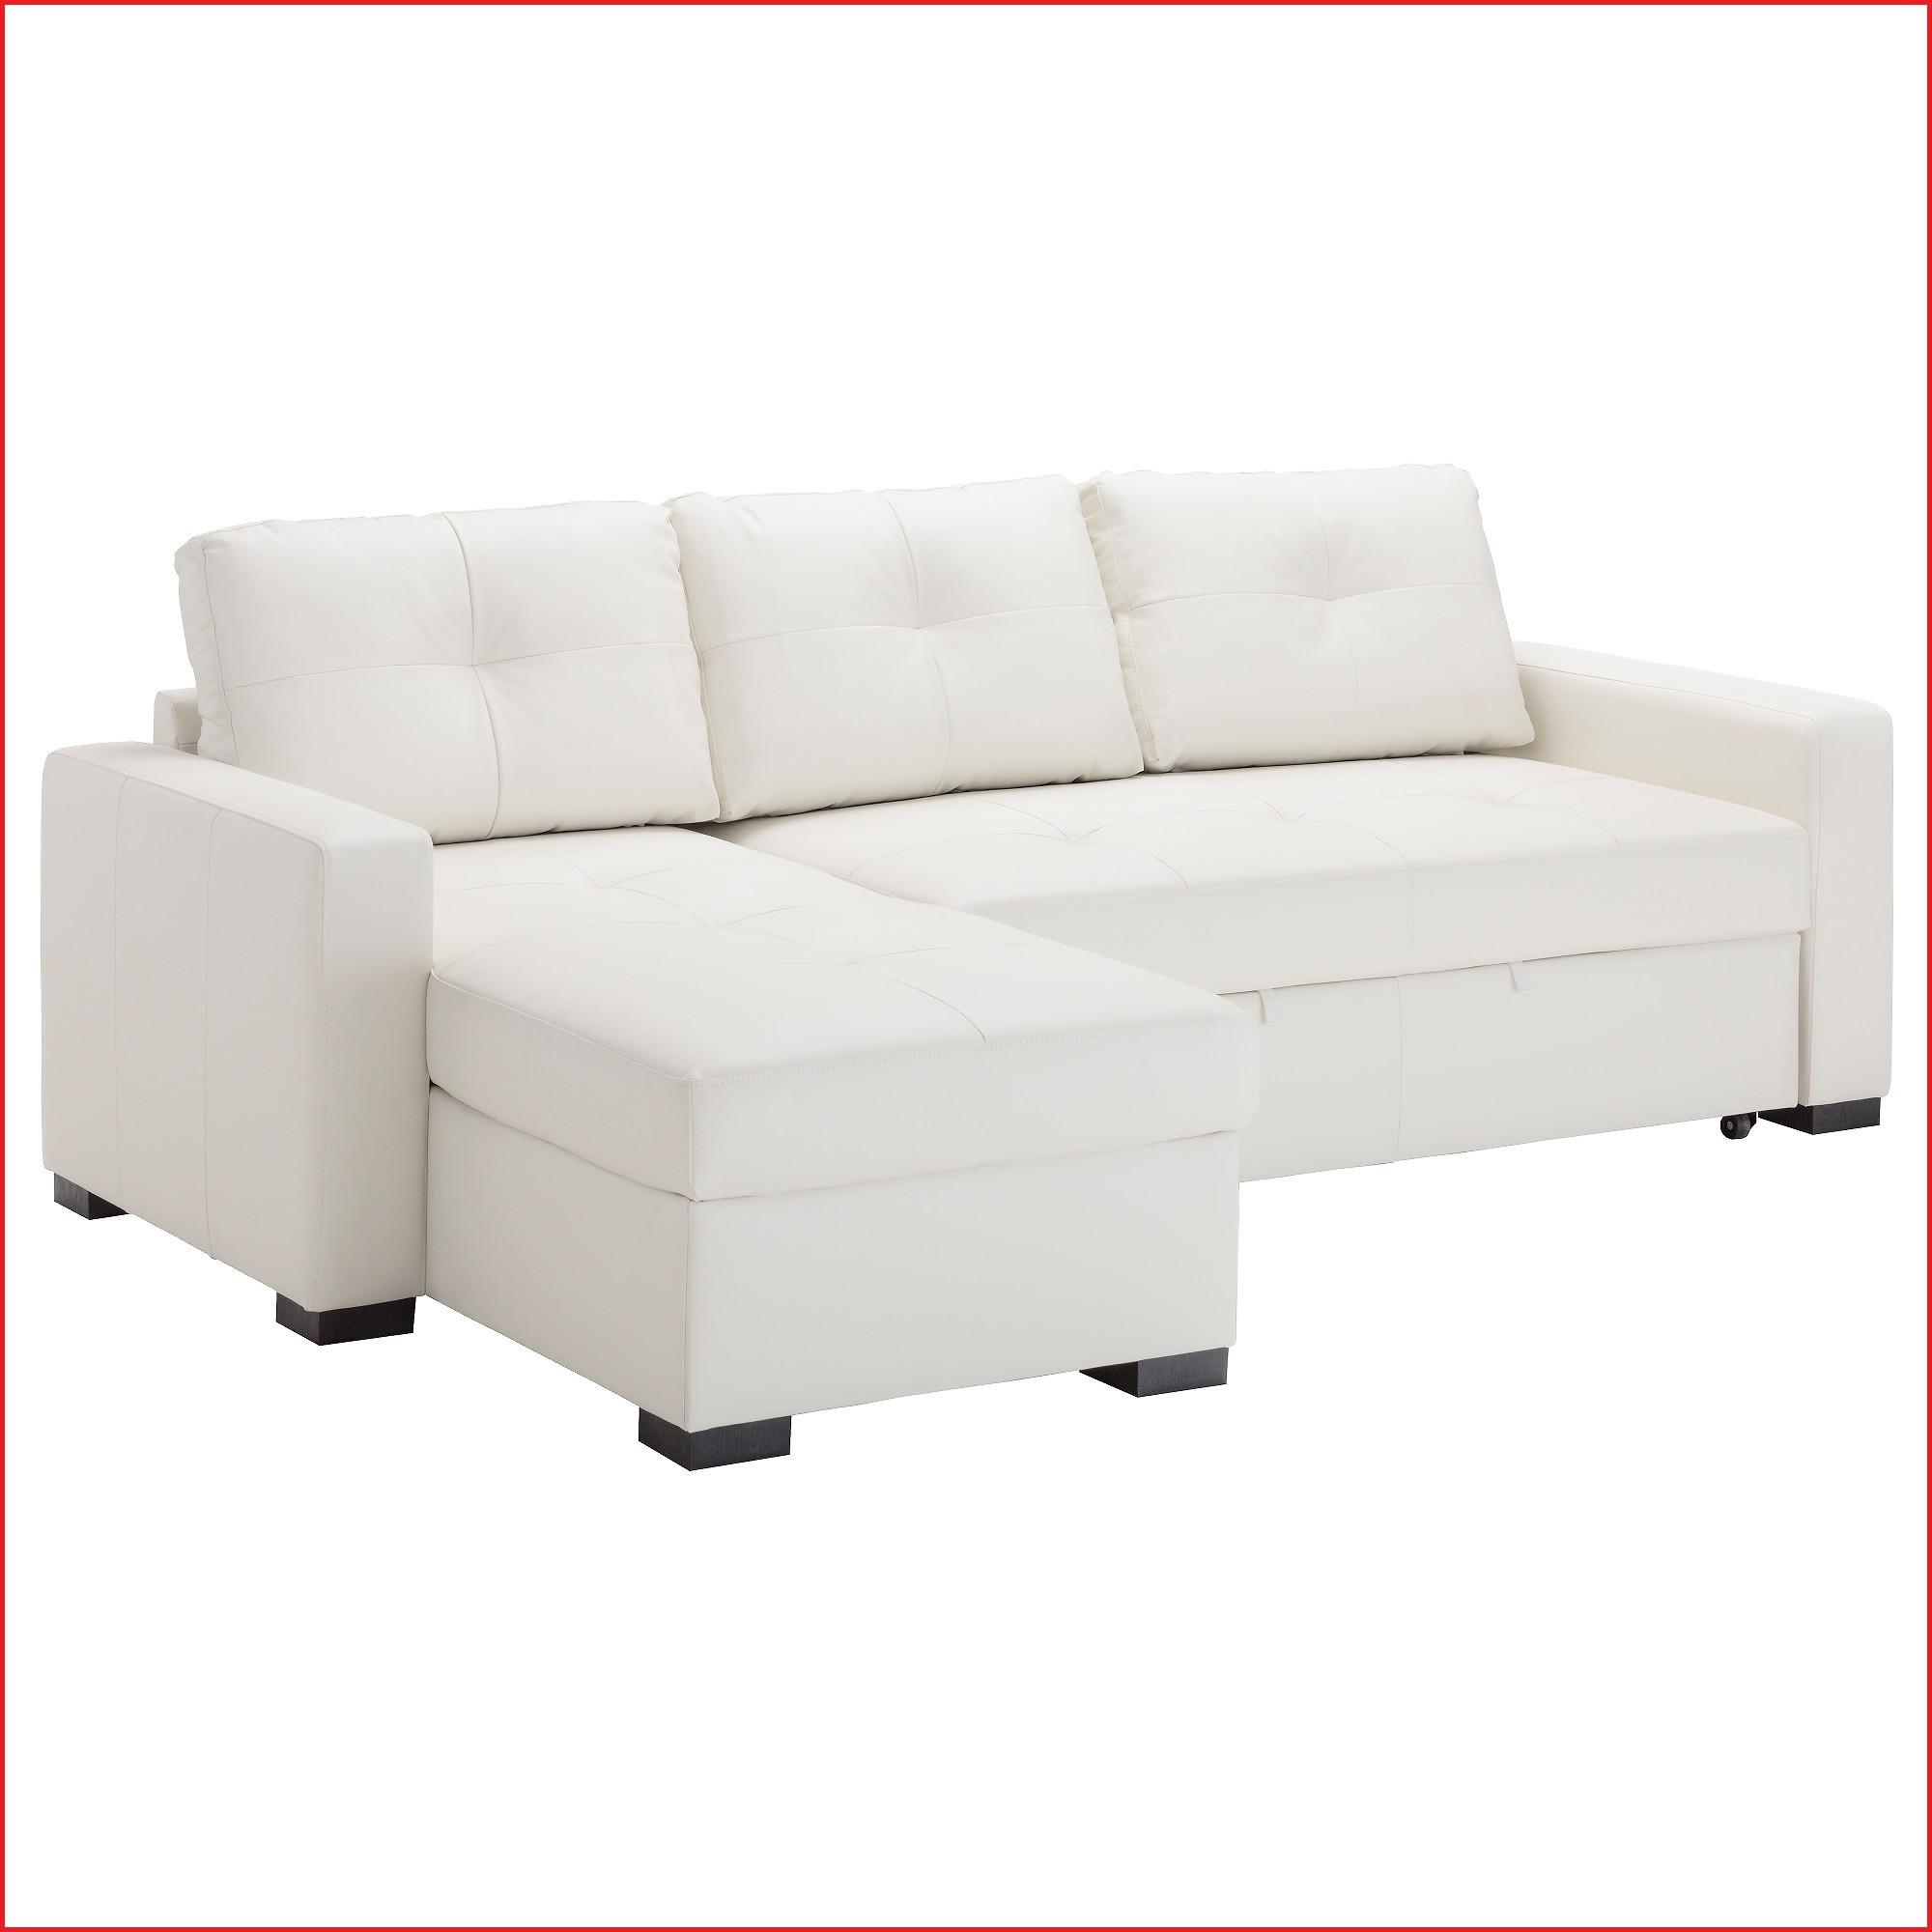 Sofas Ikea Baratos E6d5 Eccellente Camas Baratas Ikea De sofa sofass Baratos Precios